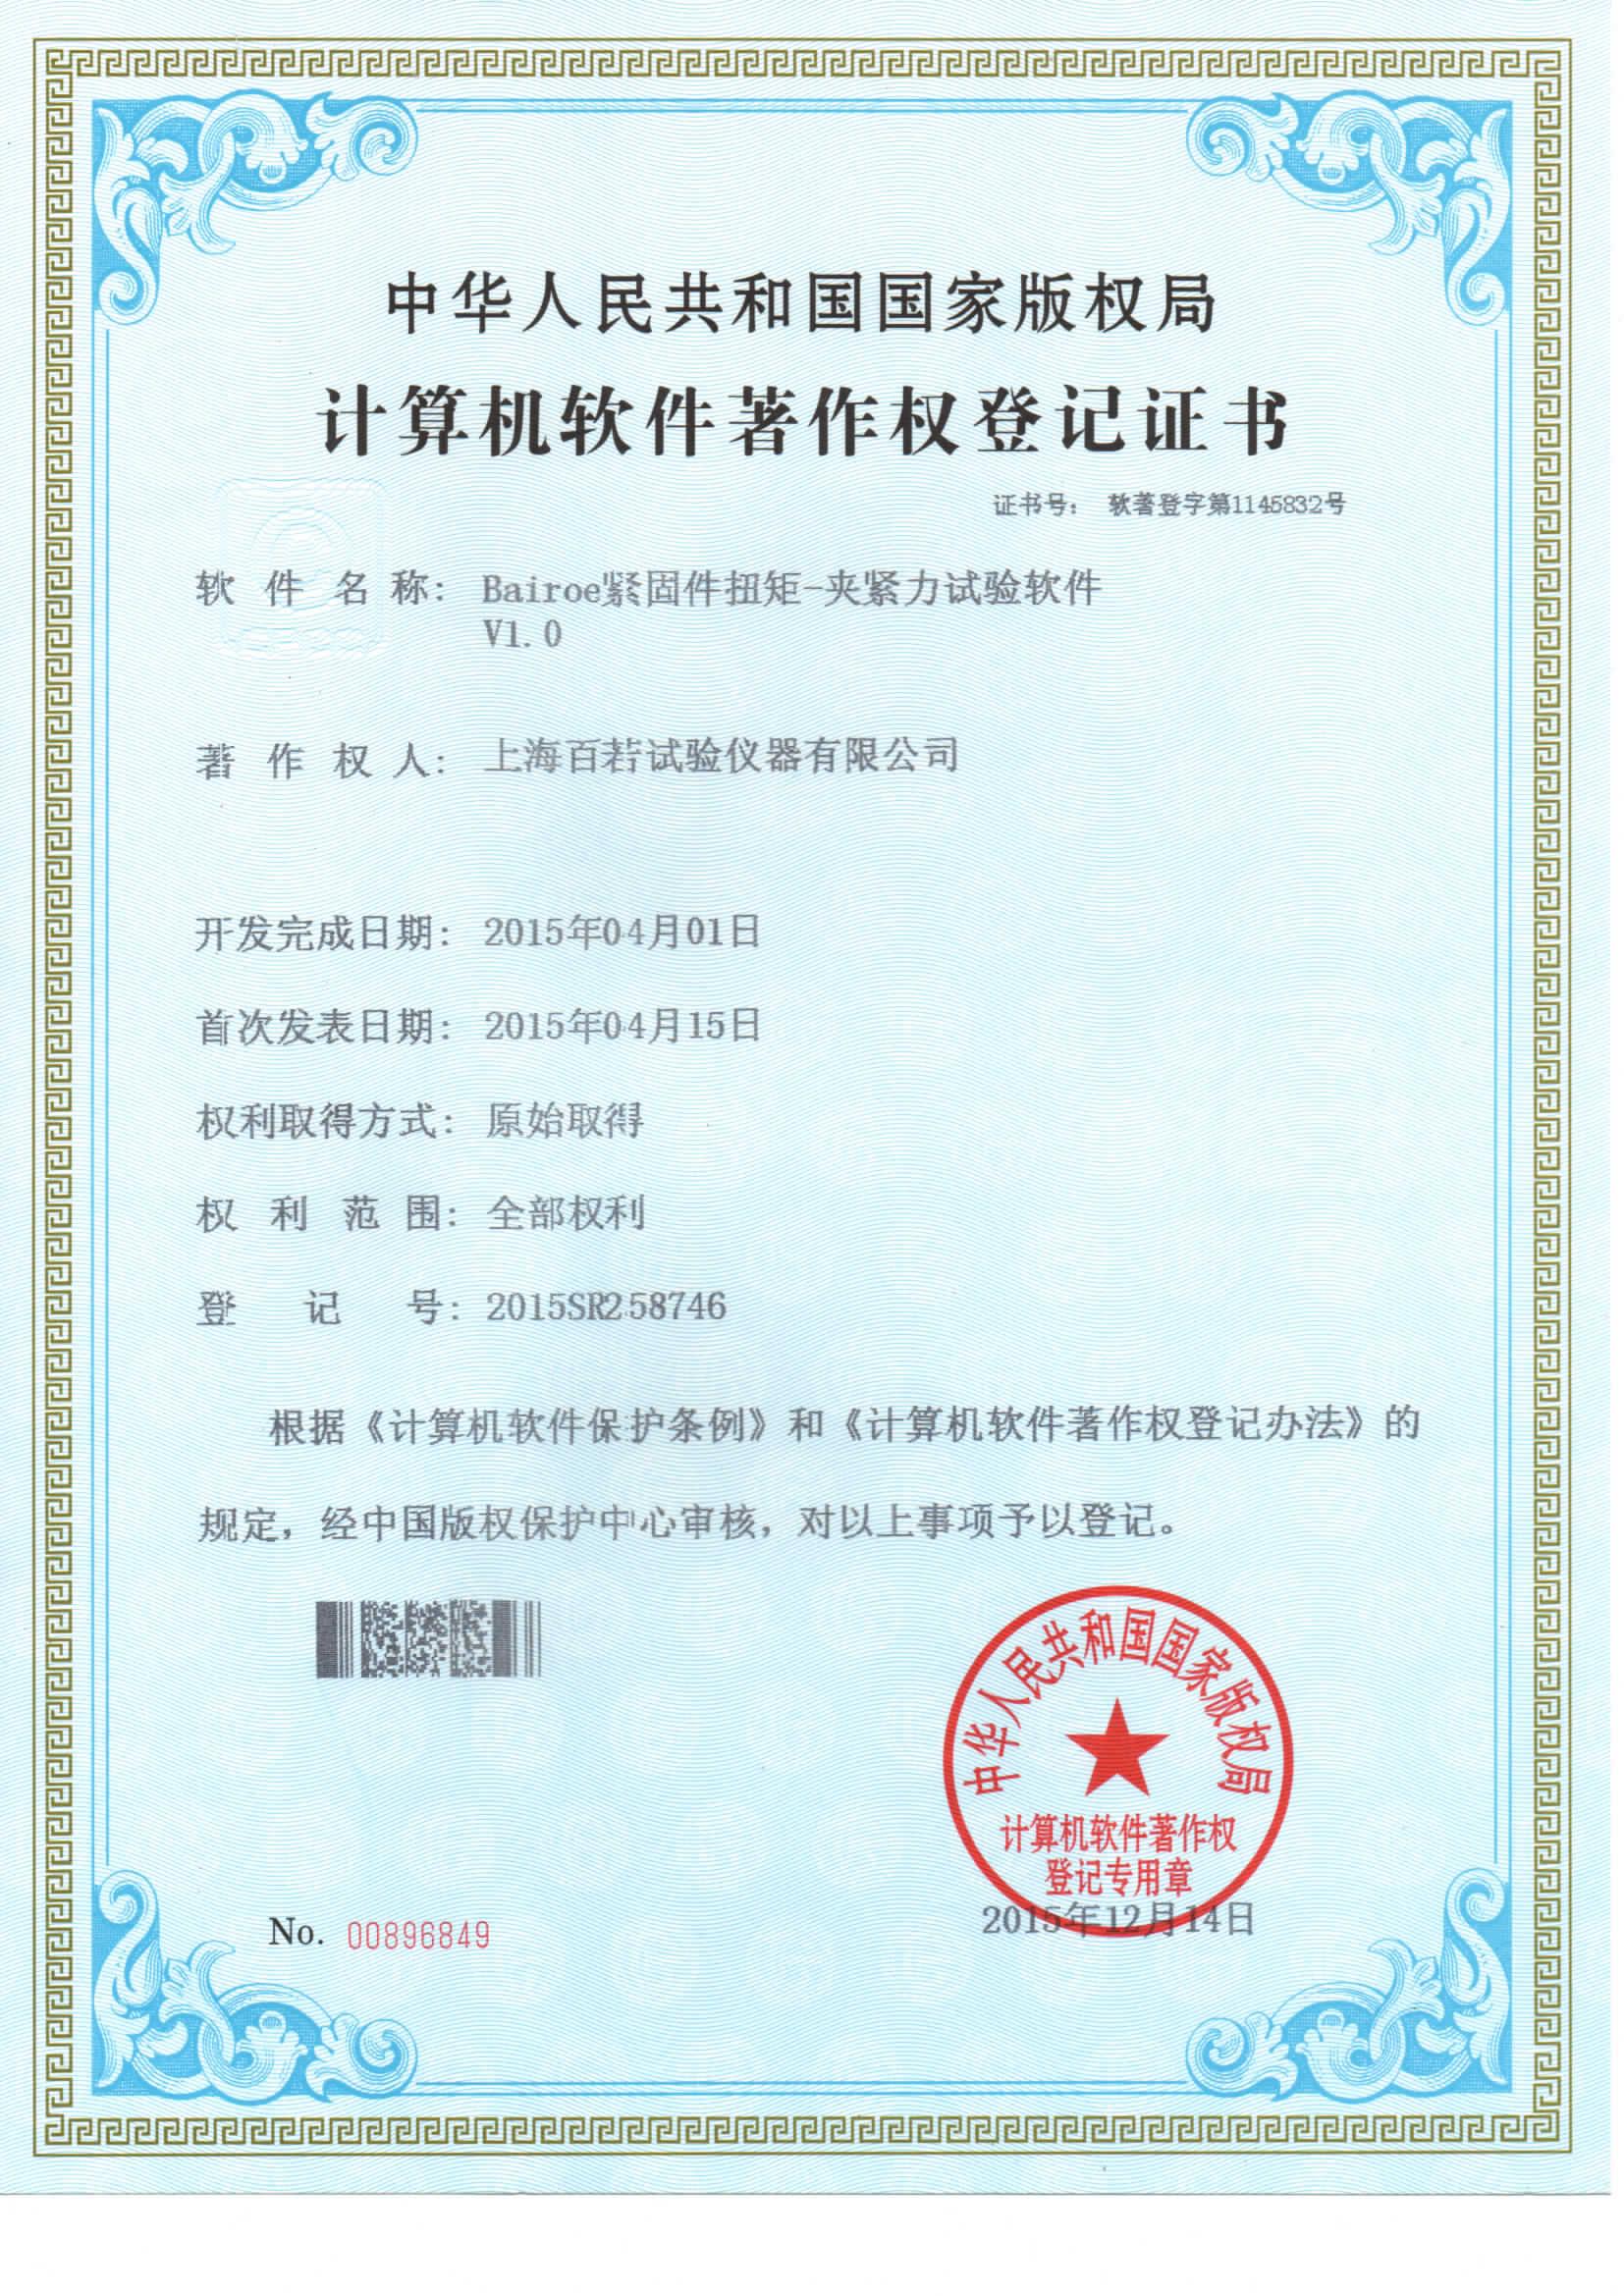 扭矩-计算机软件著作权登记证书